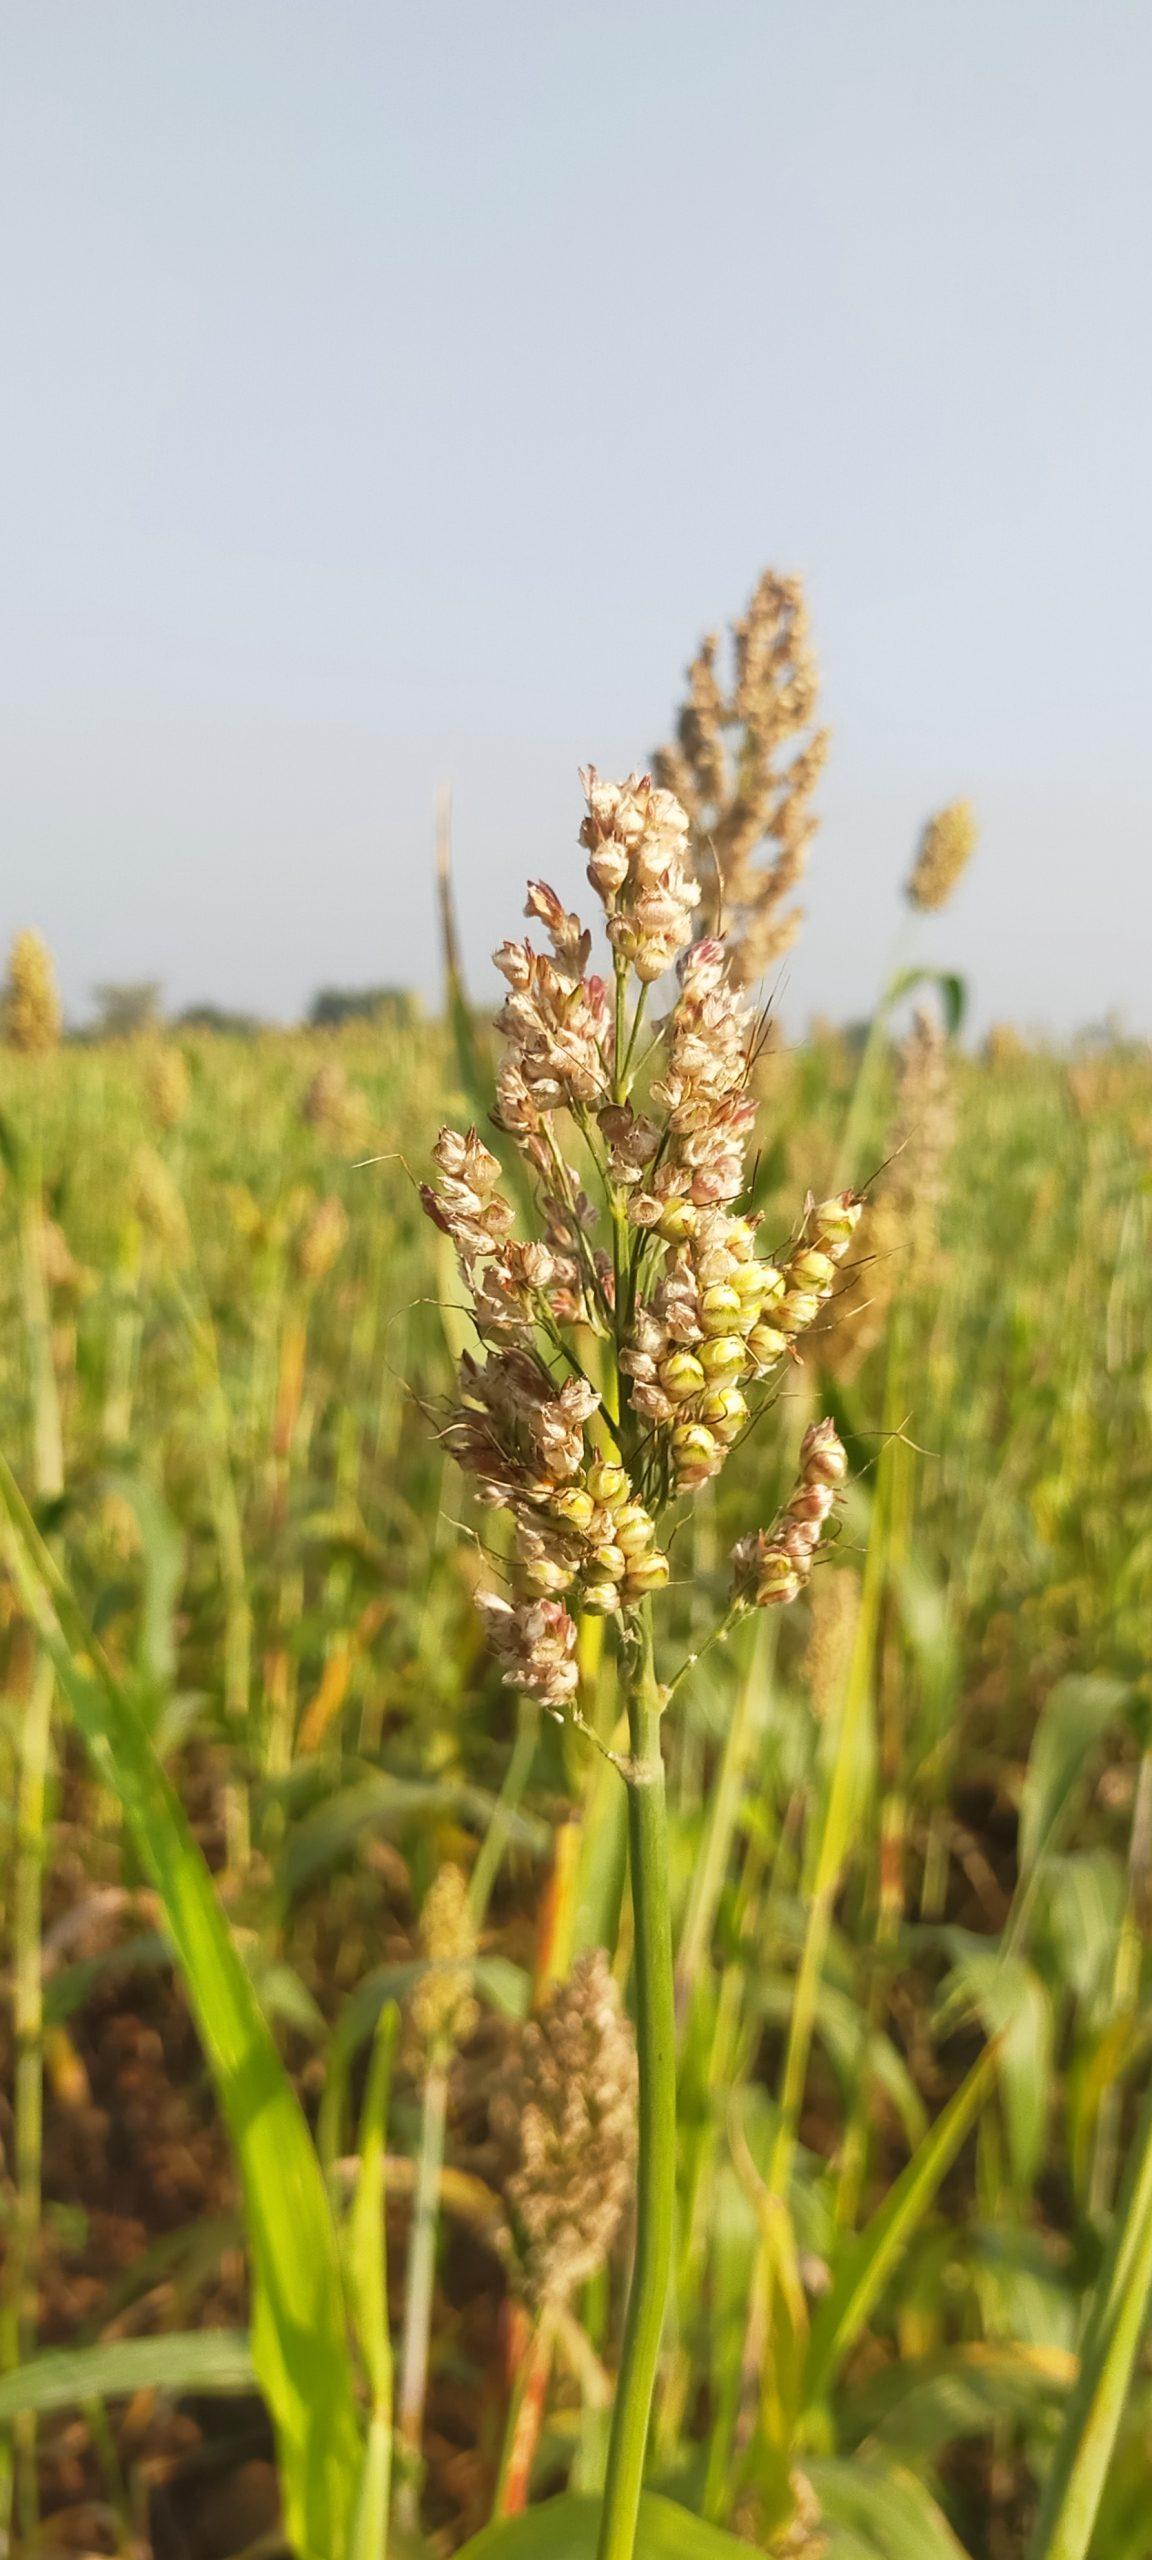 Sorghum plant grains